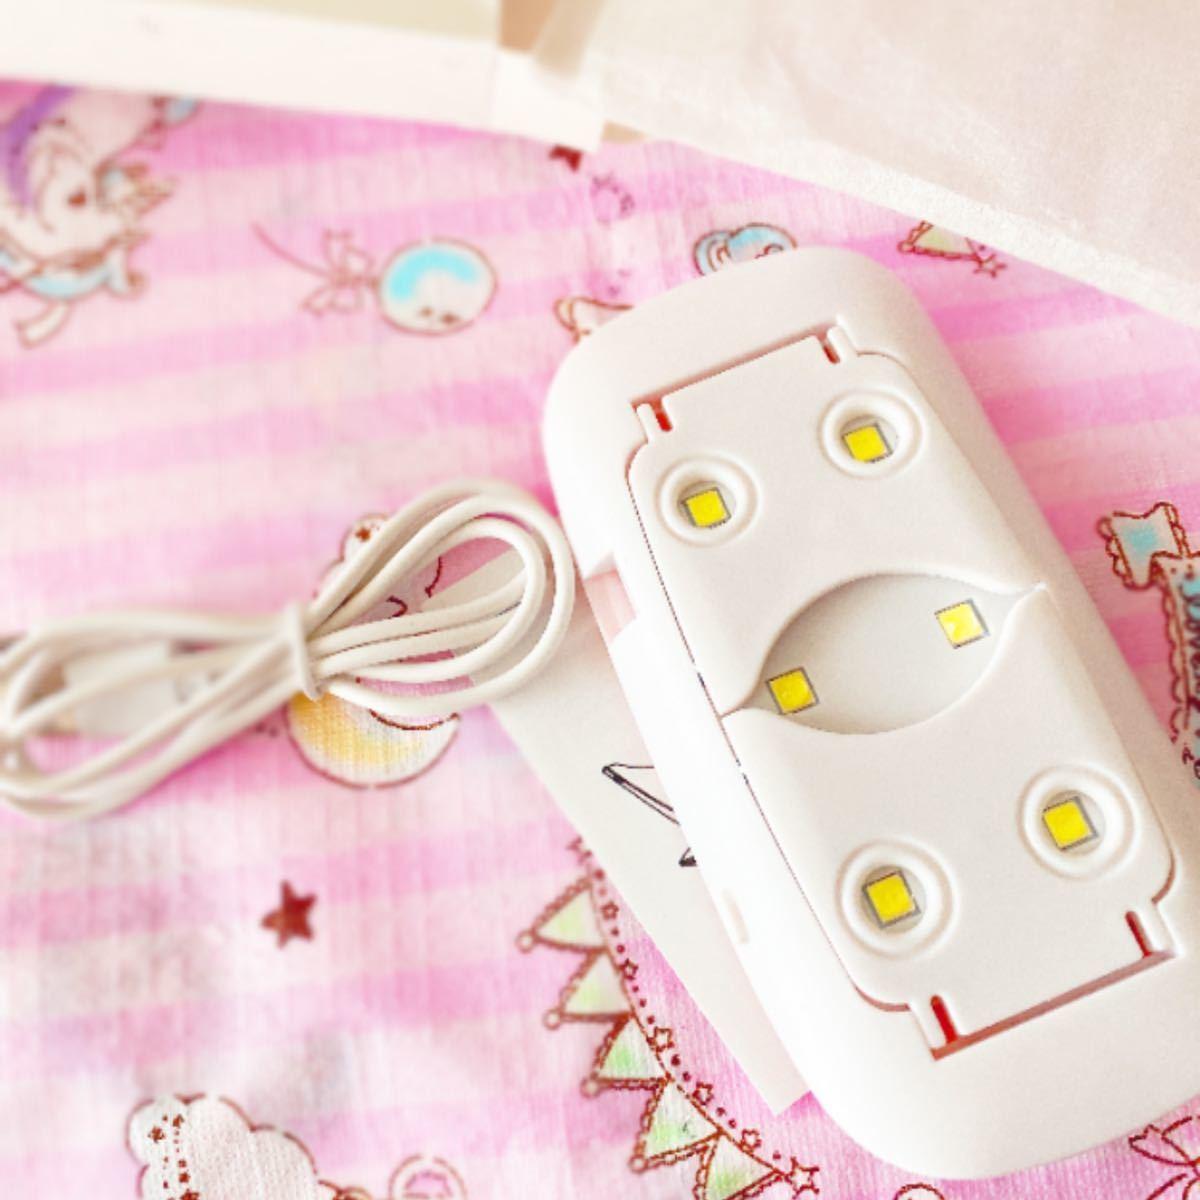 SALE 薄型 コンパクト ジェルネイルライト レジン LED